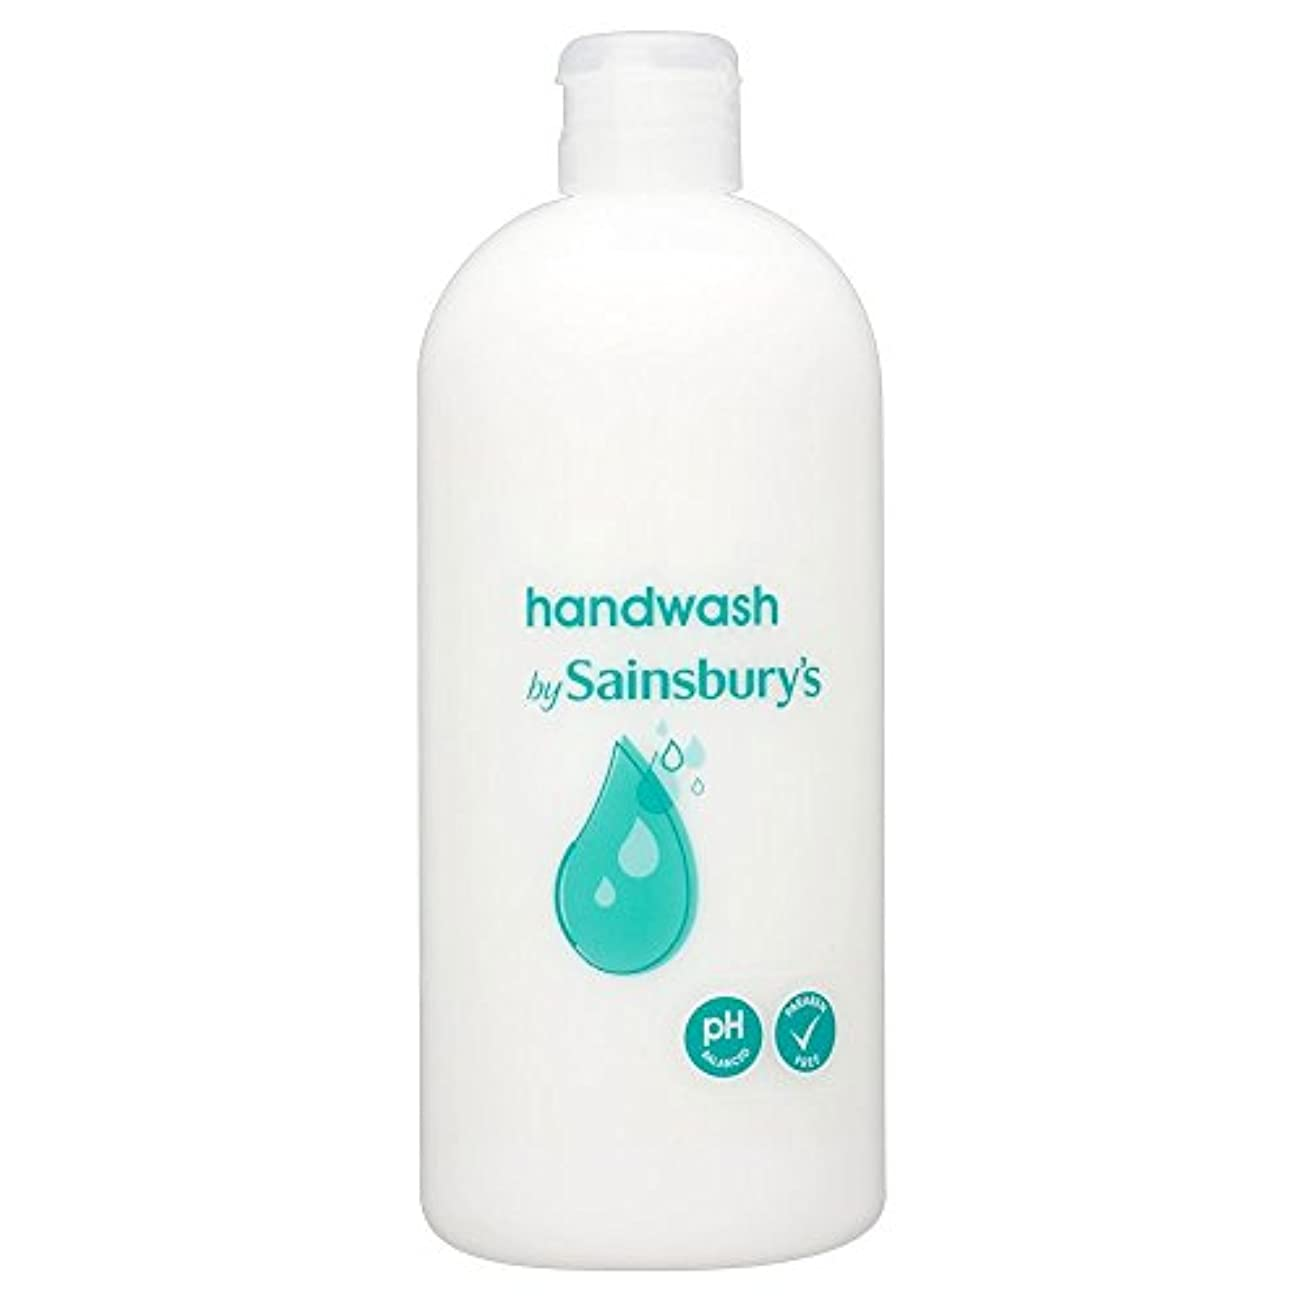 ブリッジ味付け縫い目Sainsbury's Handwash, White Refill 500ml - (Sainsbury's) 手洗い、白リフィル500ミリリットル [並行輸入品]